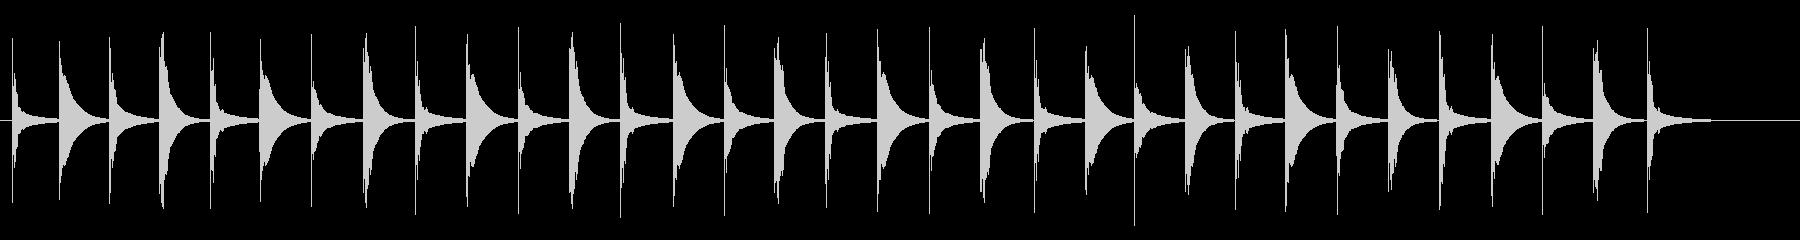 時間の経過、音楽、パーカッション木琴音楽の未再生の波形